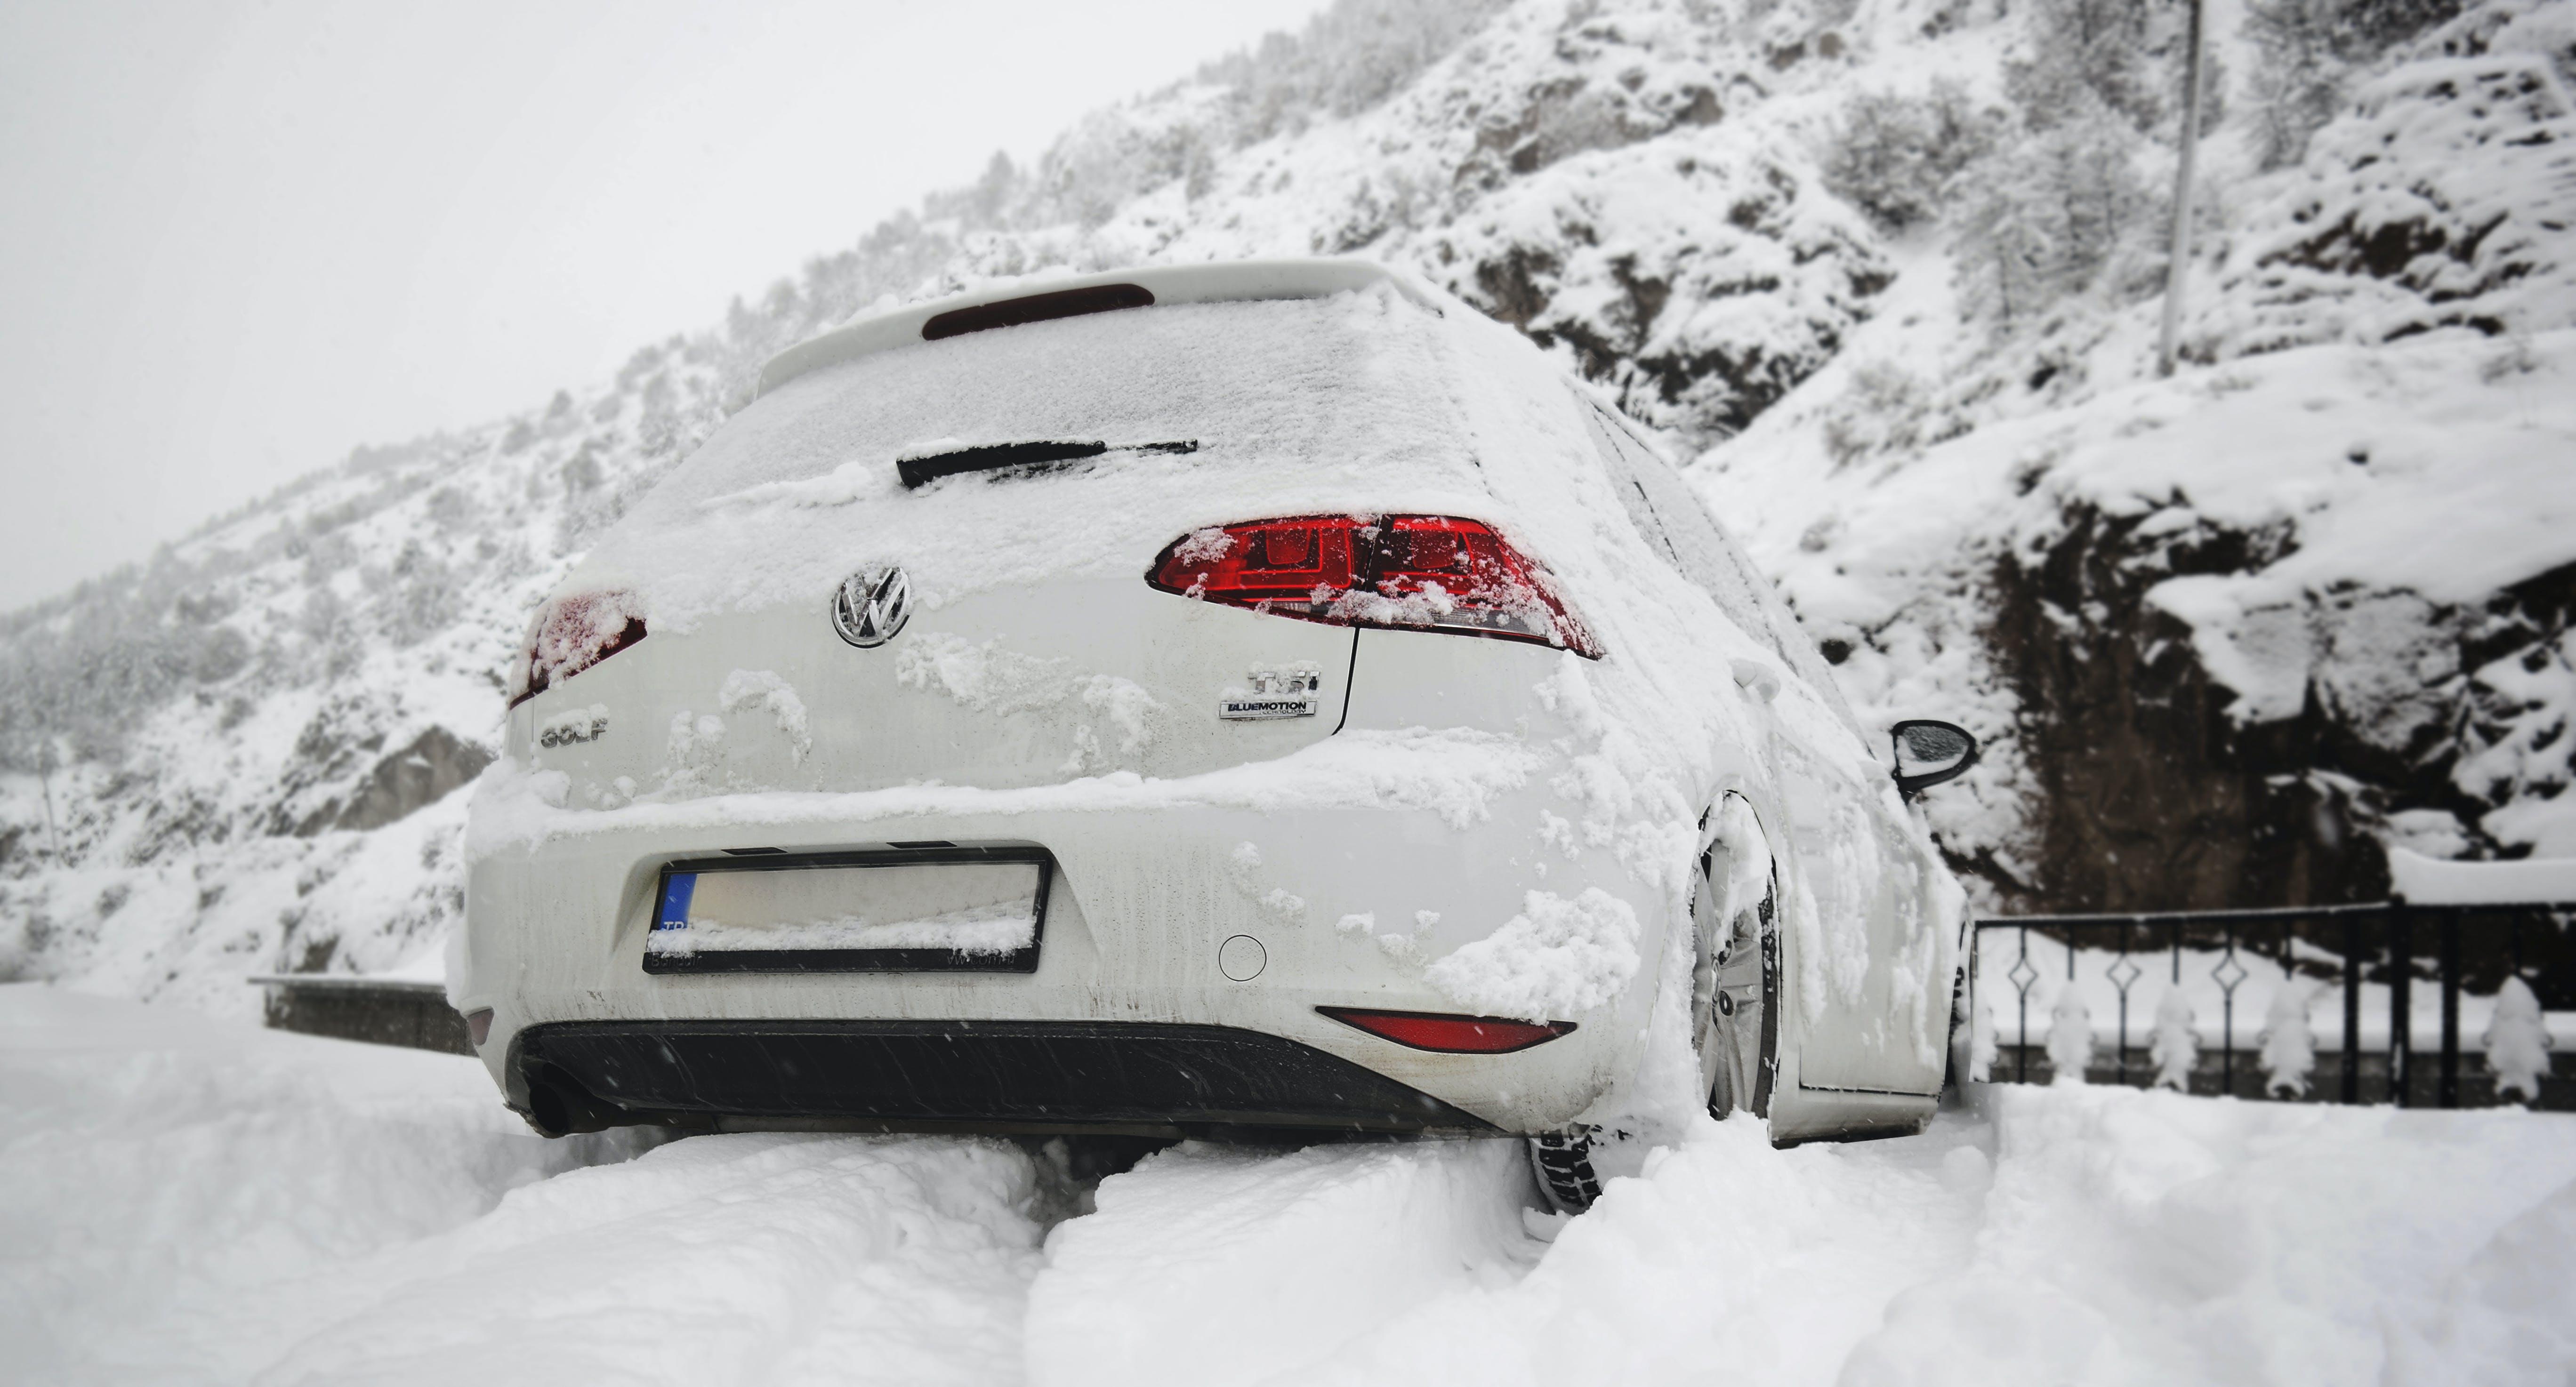 Free stock photo of snow, white, vsco